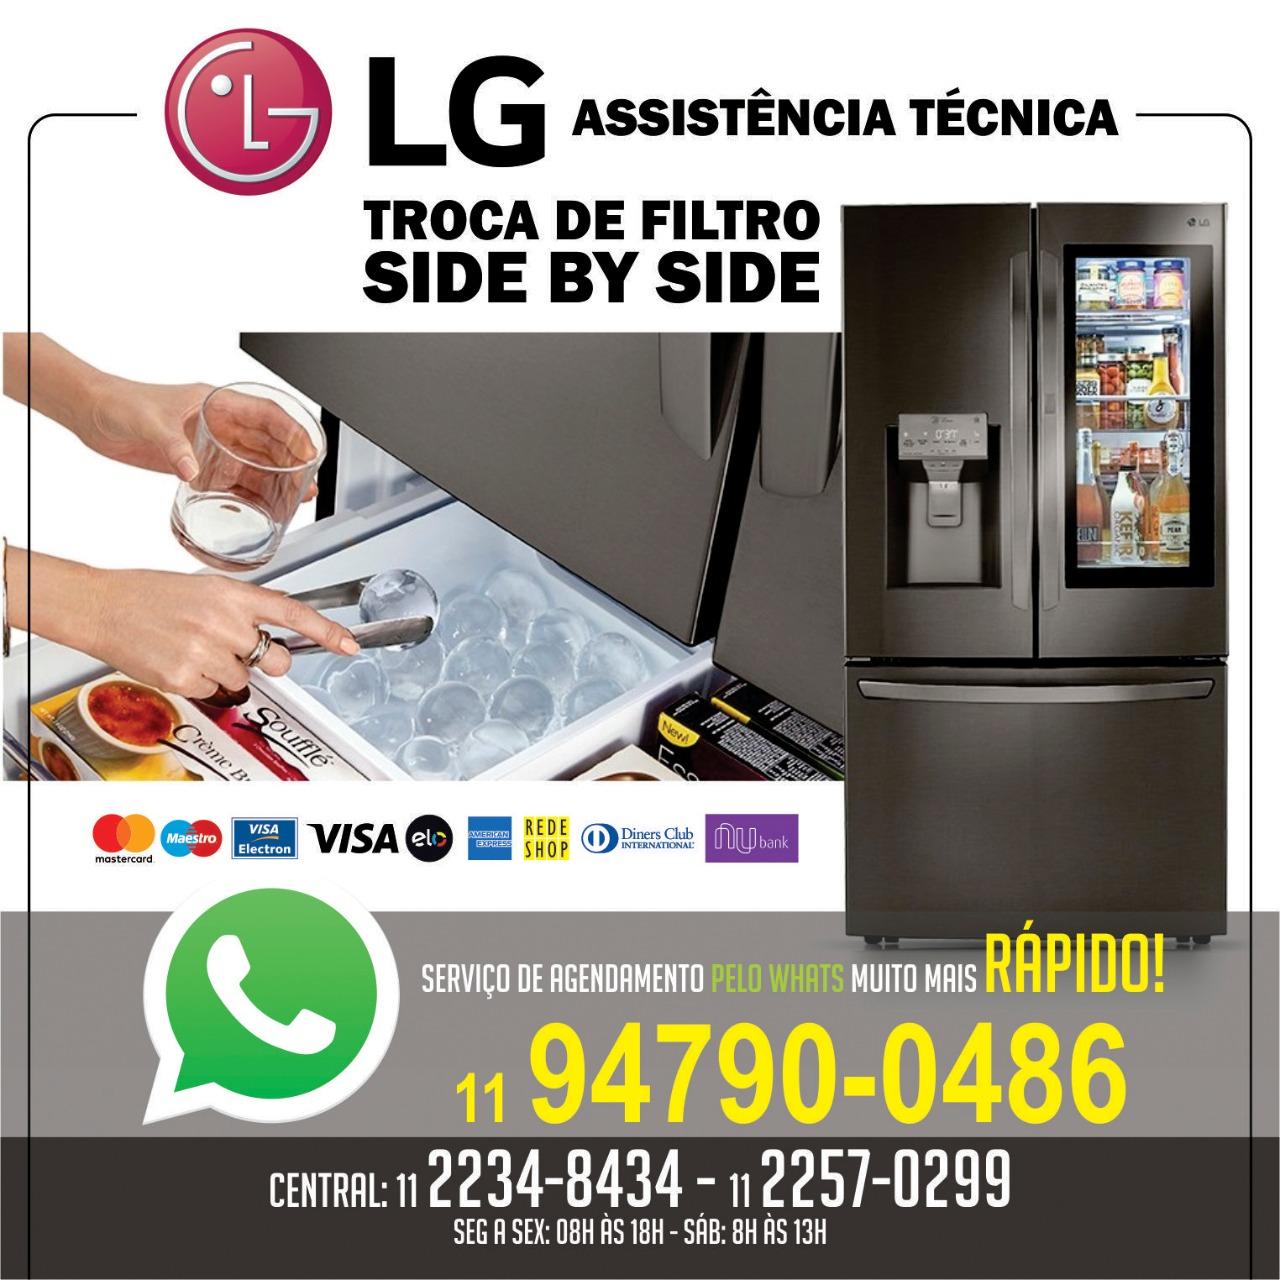 lg-troca-de-filtro-side-by-side